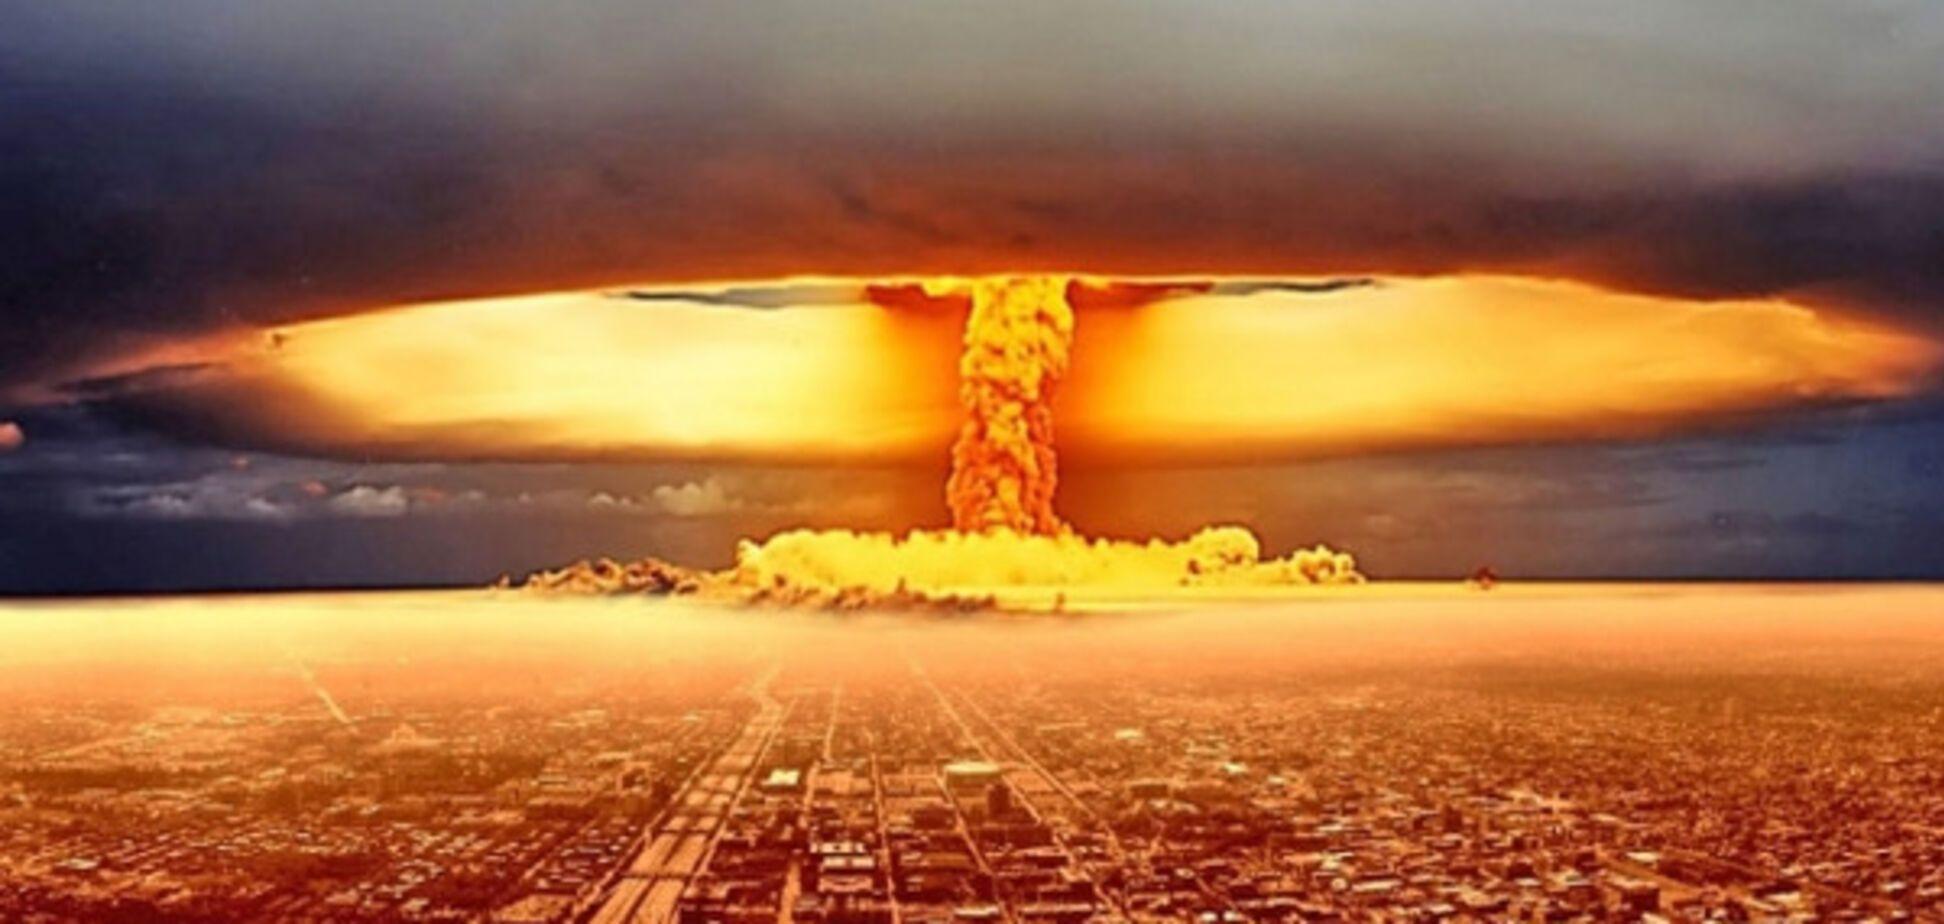 Ядерный взрыв, гибель человечества